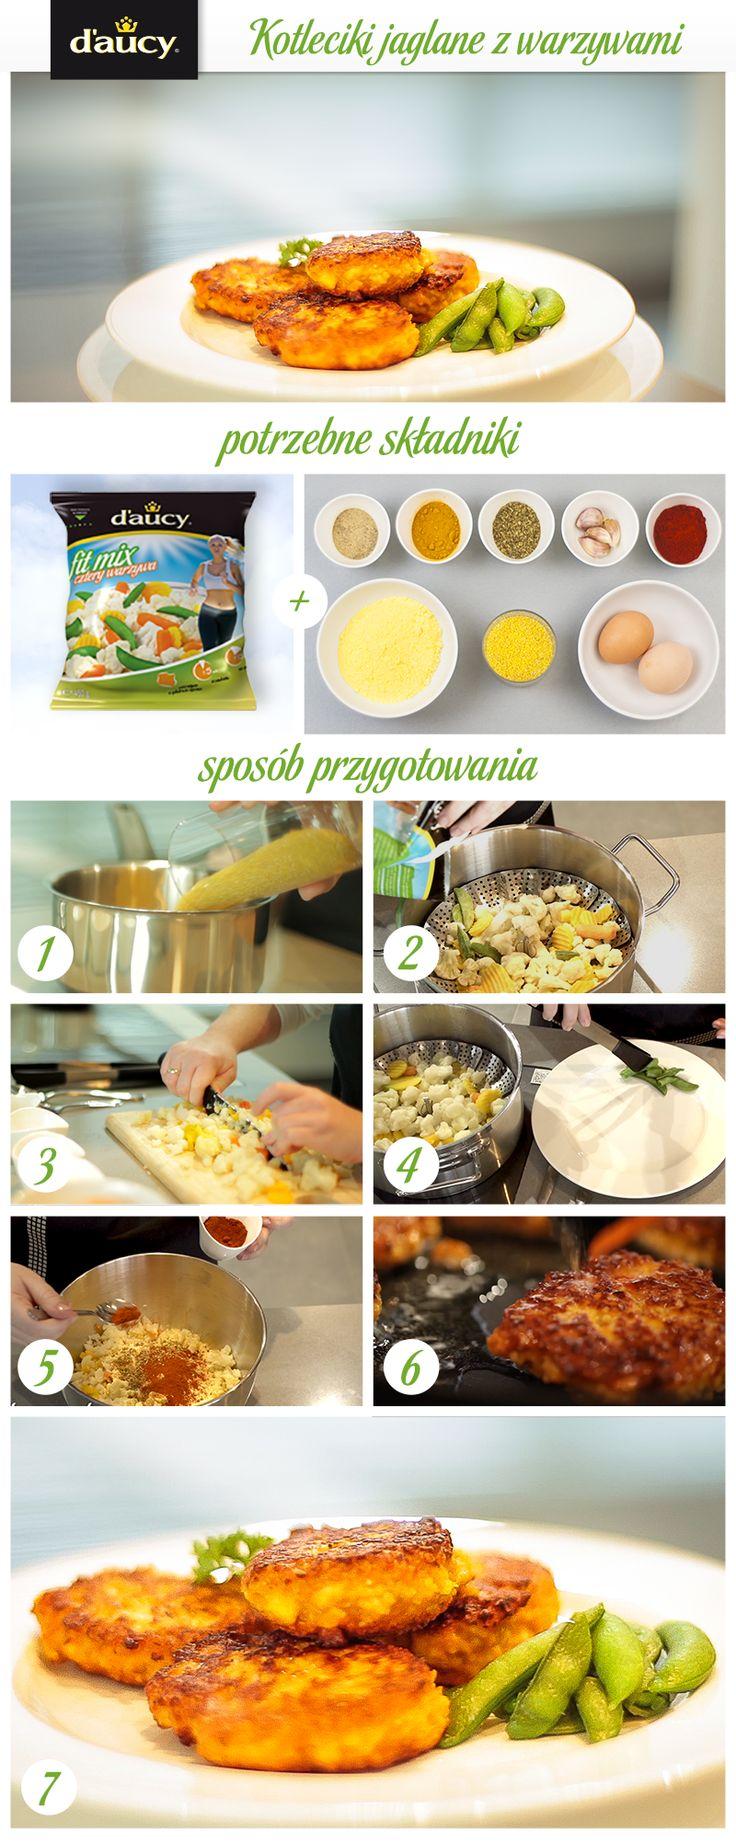 Kotleciki z kaszy jaglanej z warzywami przyrządzonymi na parze.  http://www.daucyinspiruje.pl/przepis/kotleciki-jaglane-z-warzywami/